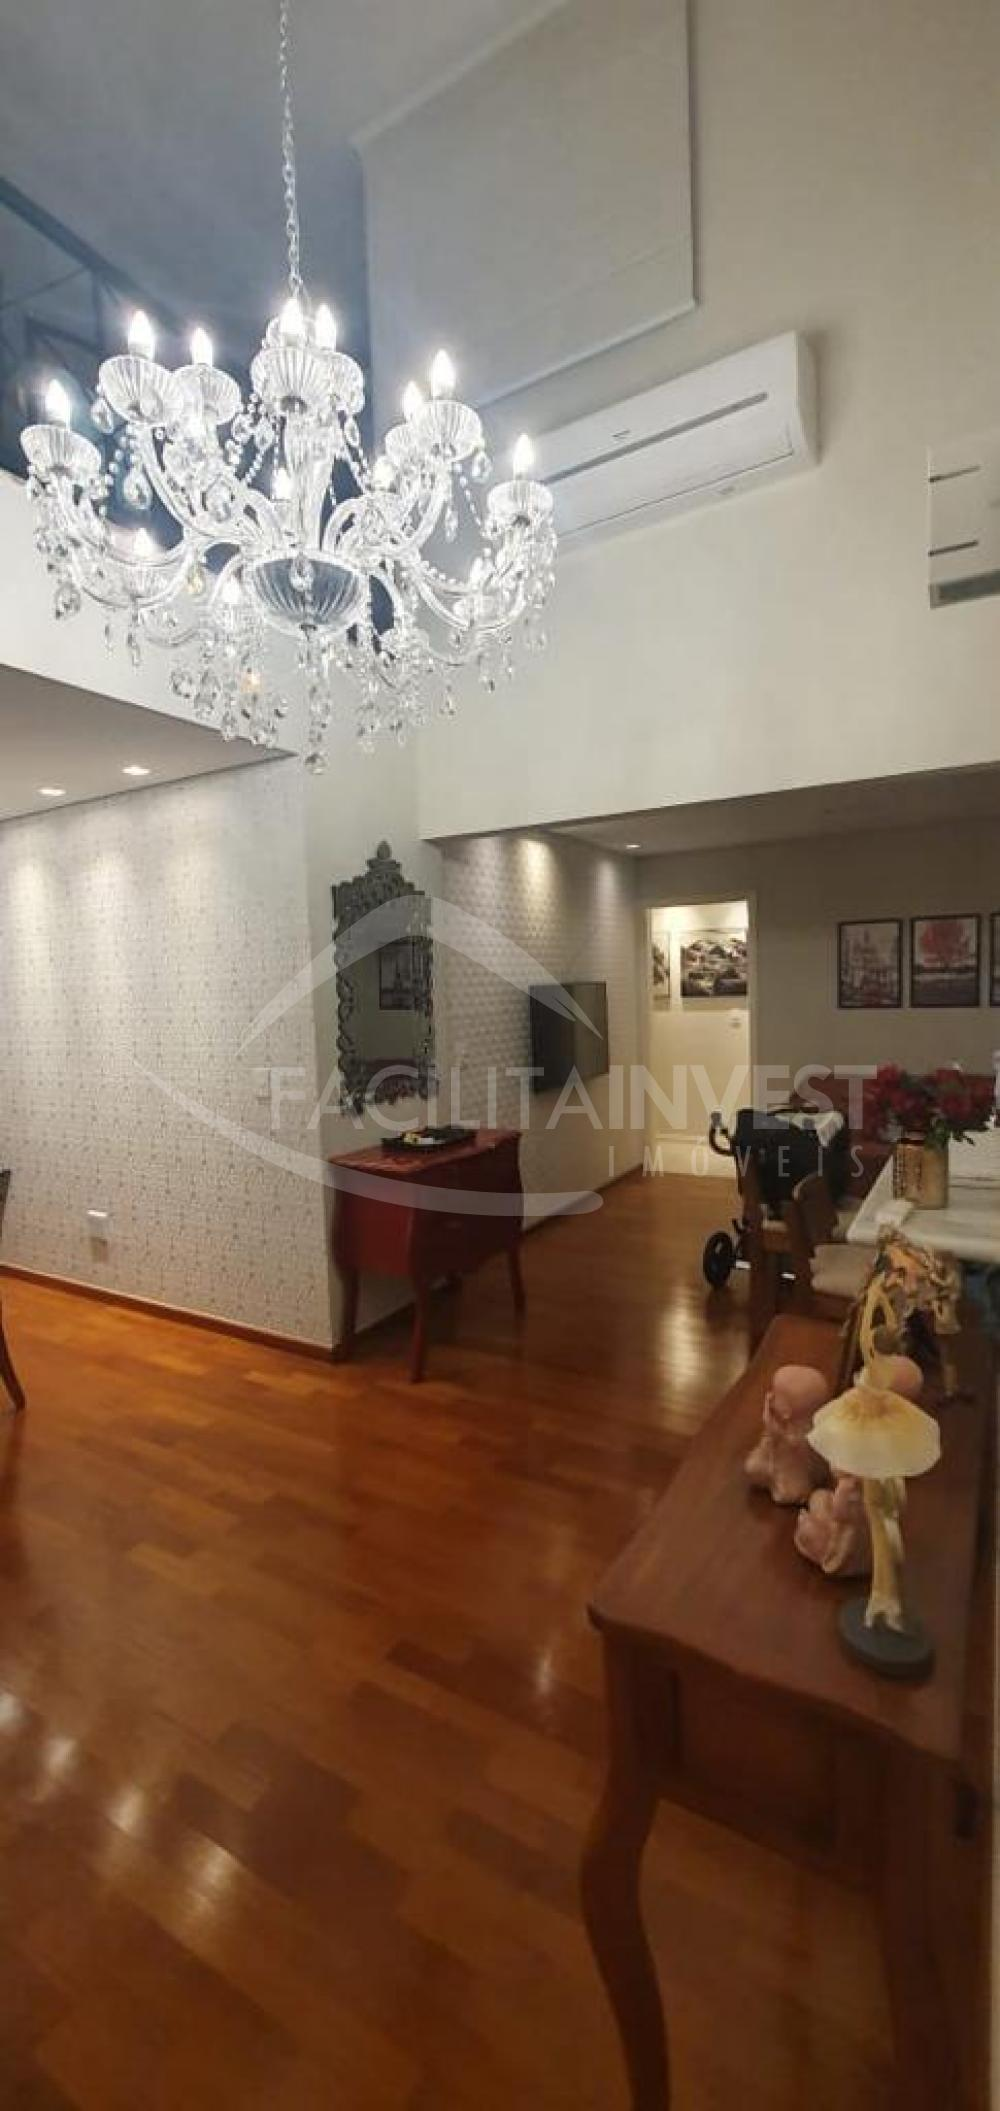 Comprar Apartamentos / Apart. Padrão em Ribeirão Preto apenas R$ 640.000,00 - Foto 4